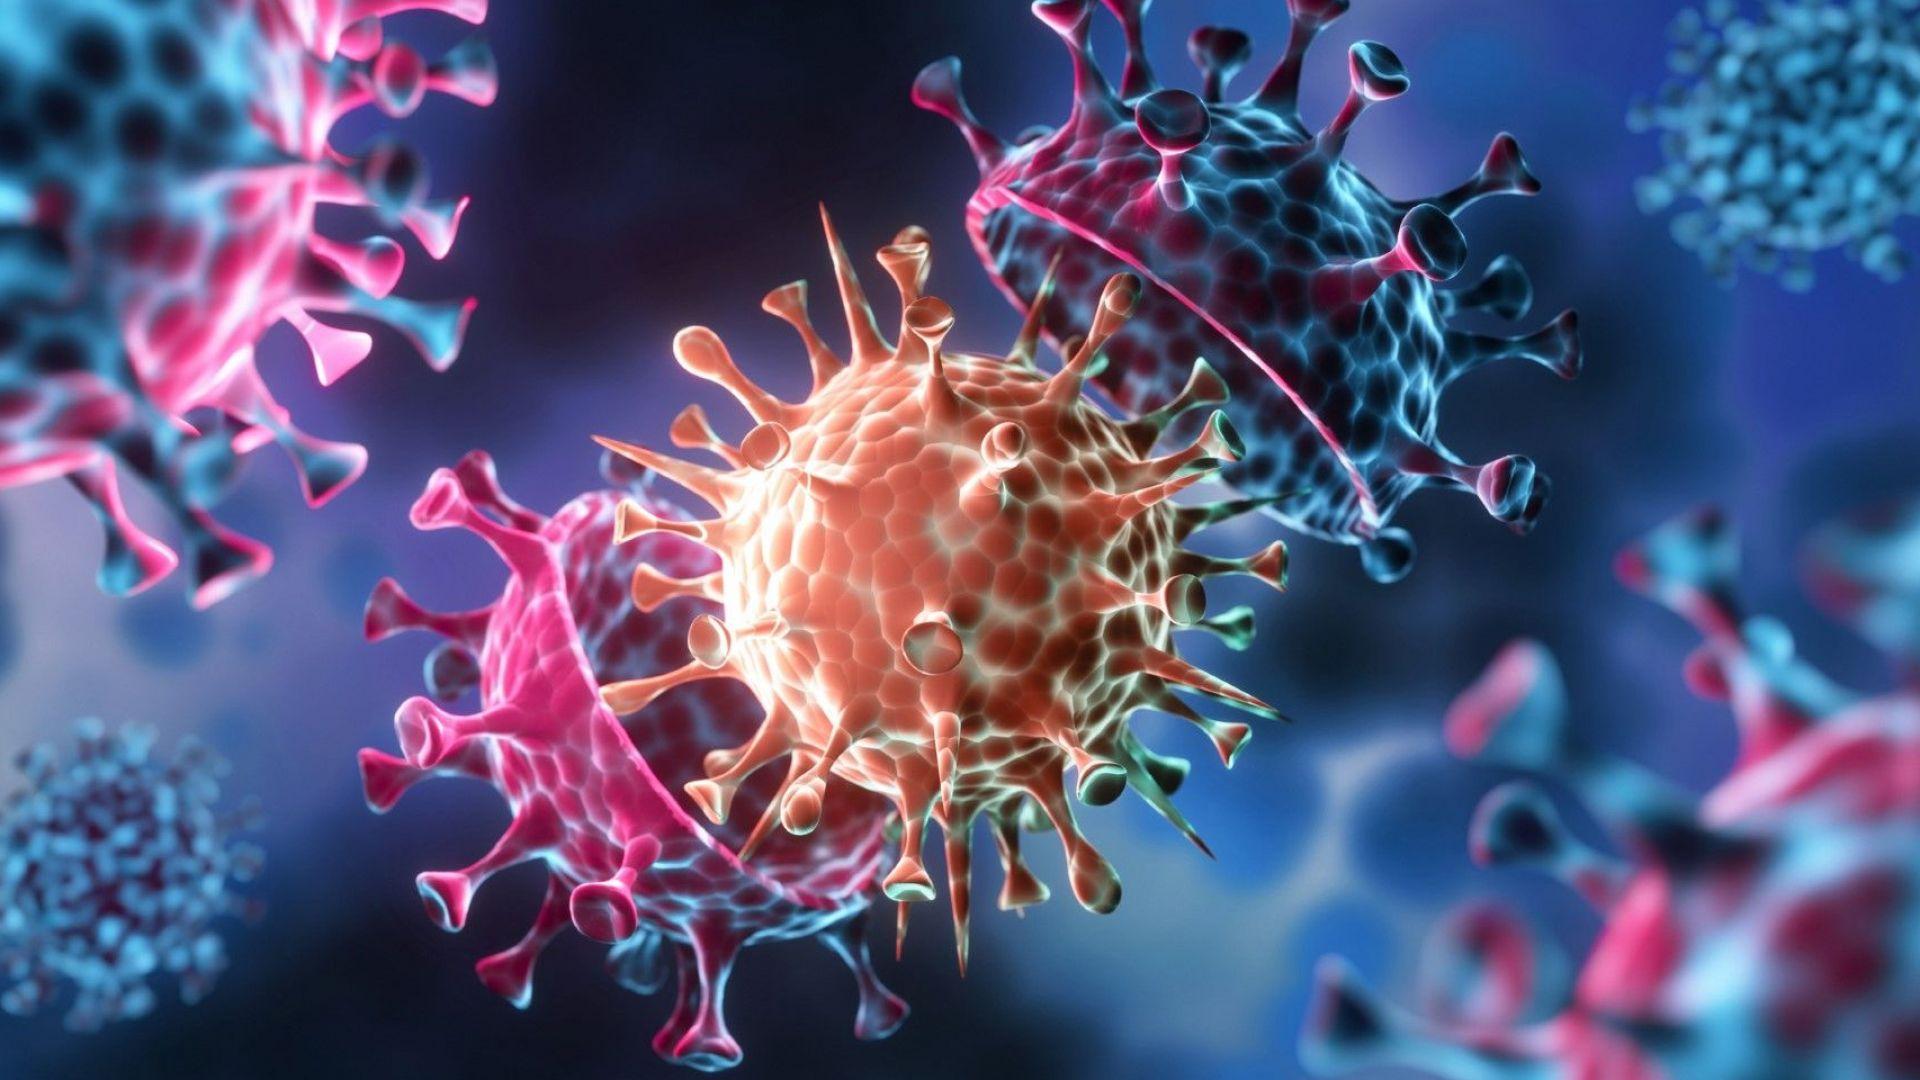 Какво влияние имат новите щамове на Covid-19 върху ефикасността на ваксините?